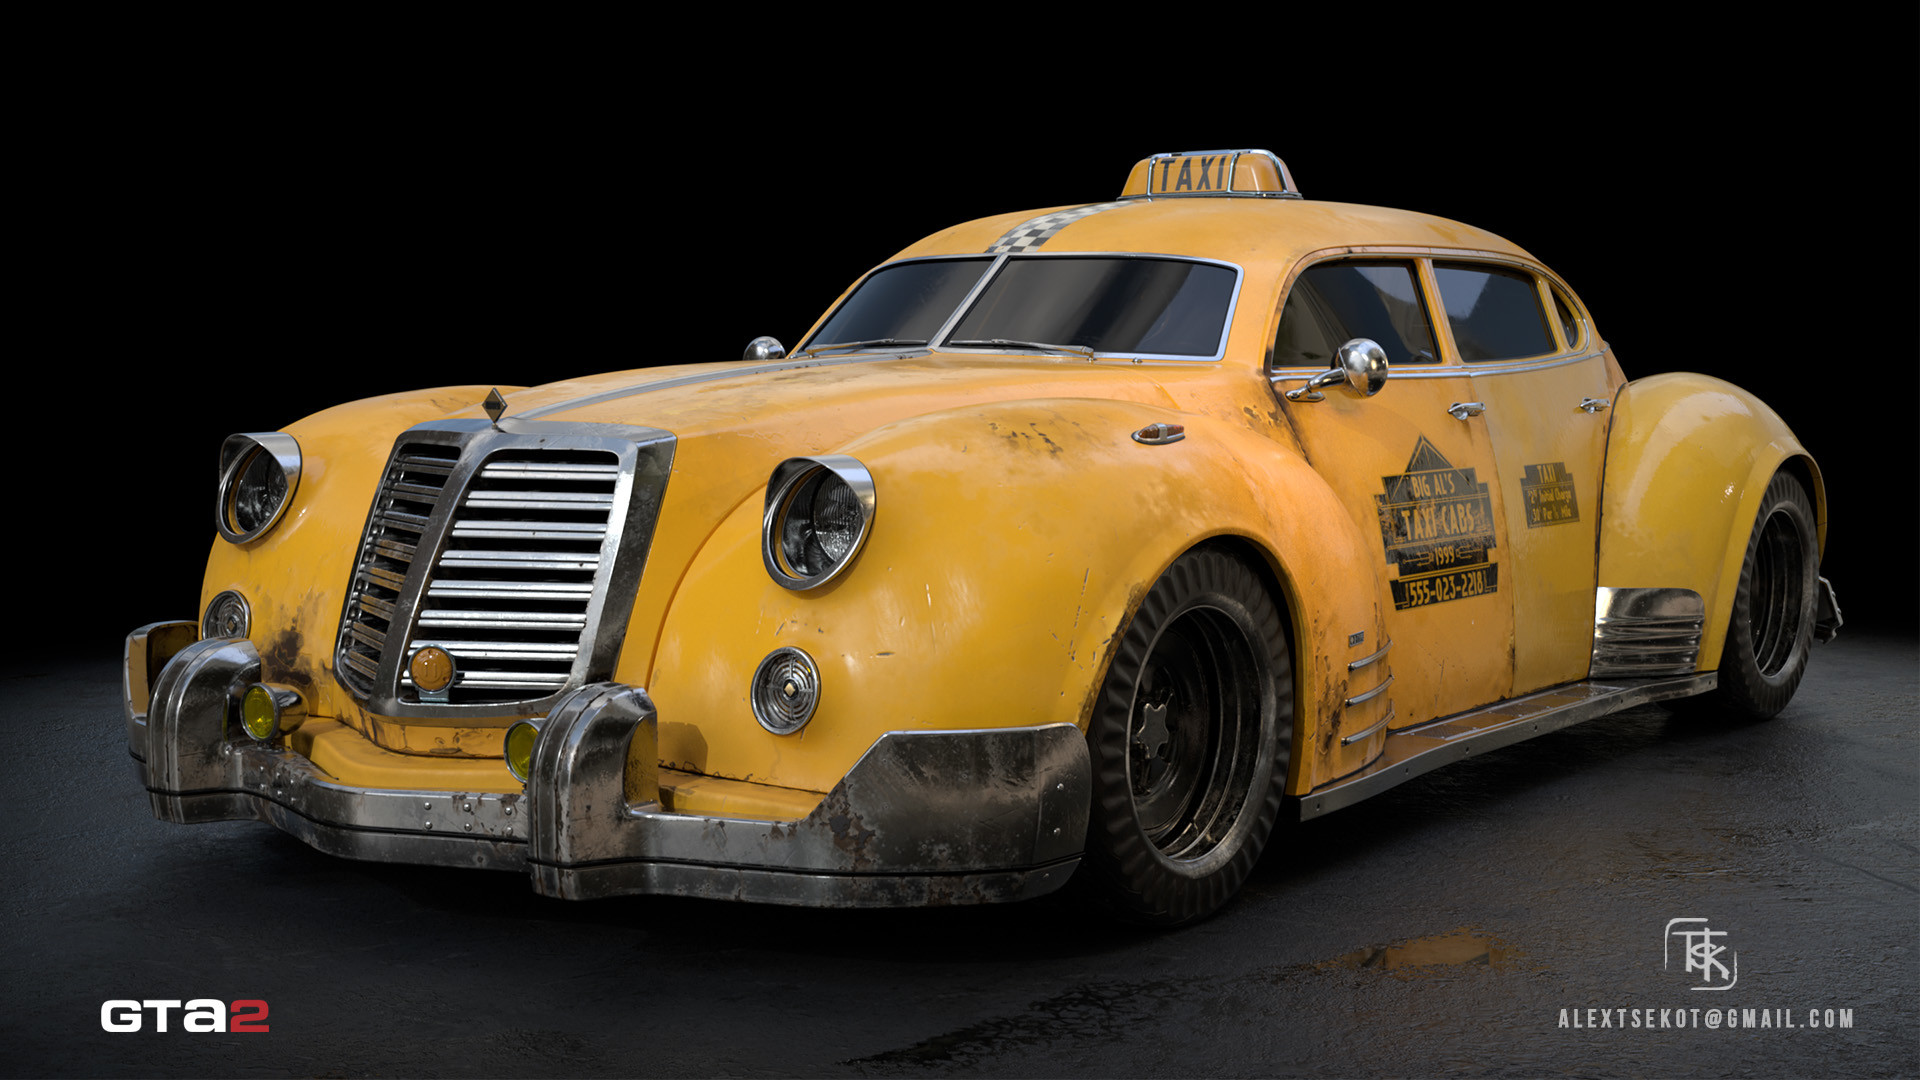 Alex tsekot taxi xpress 2